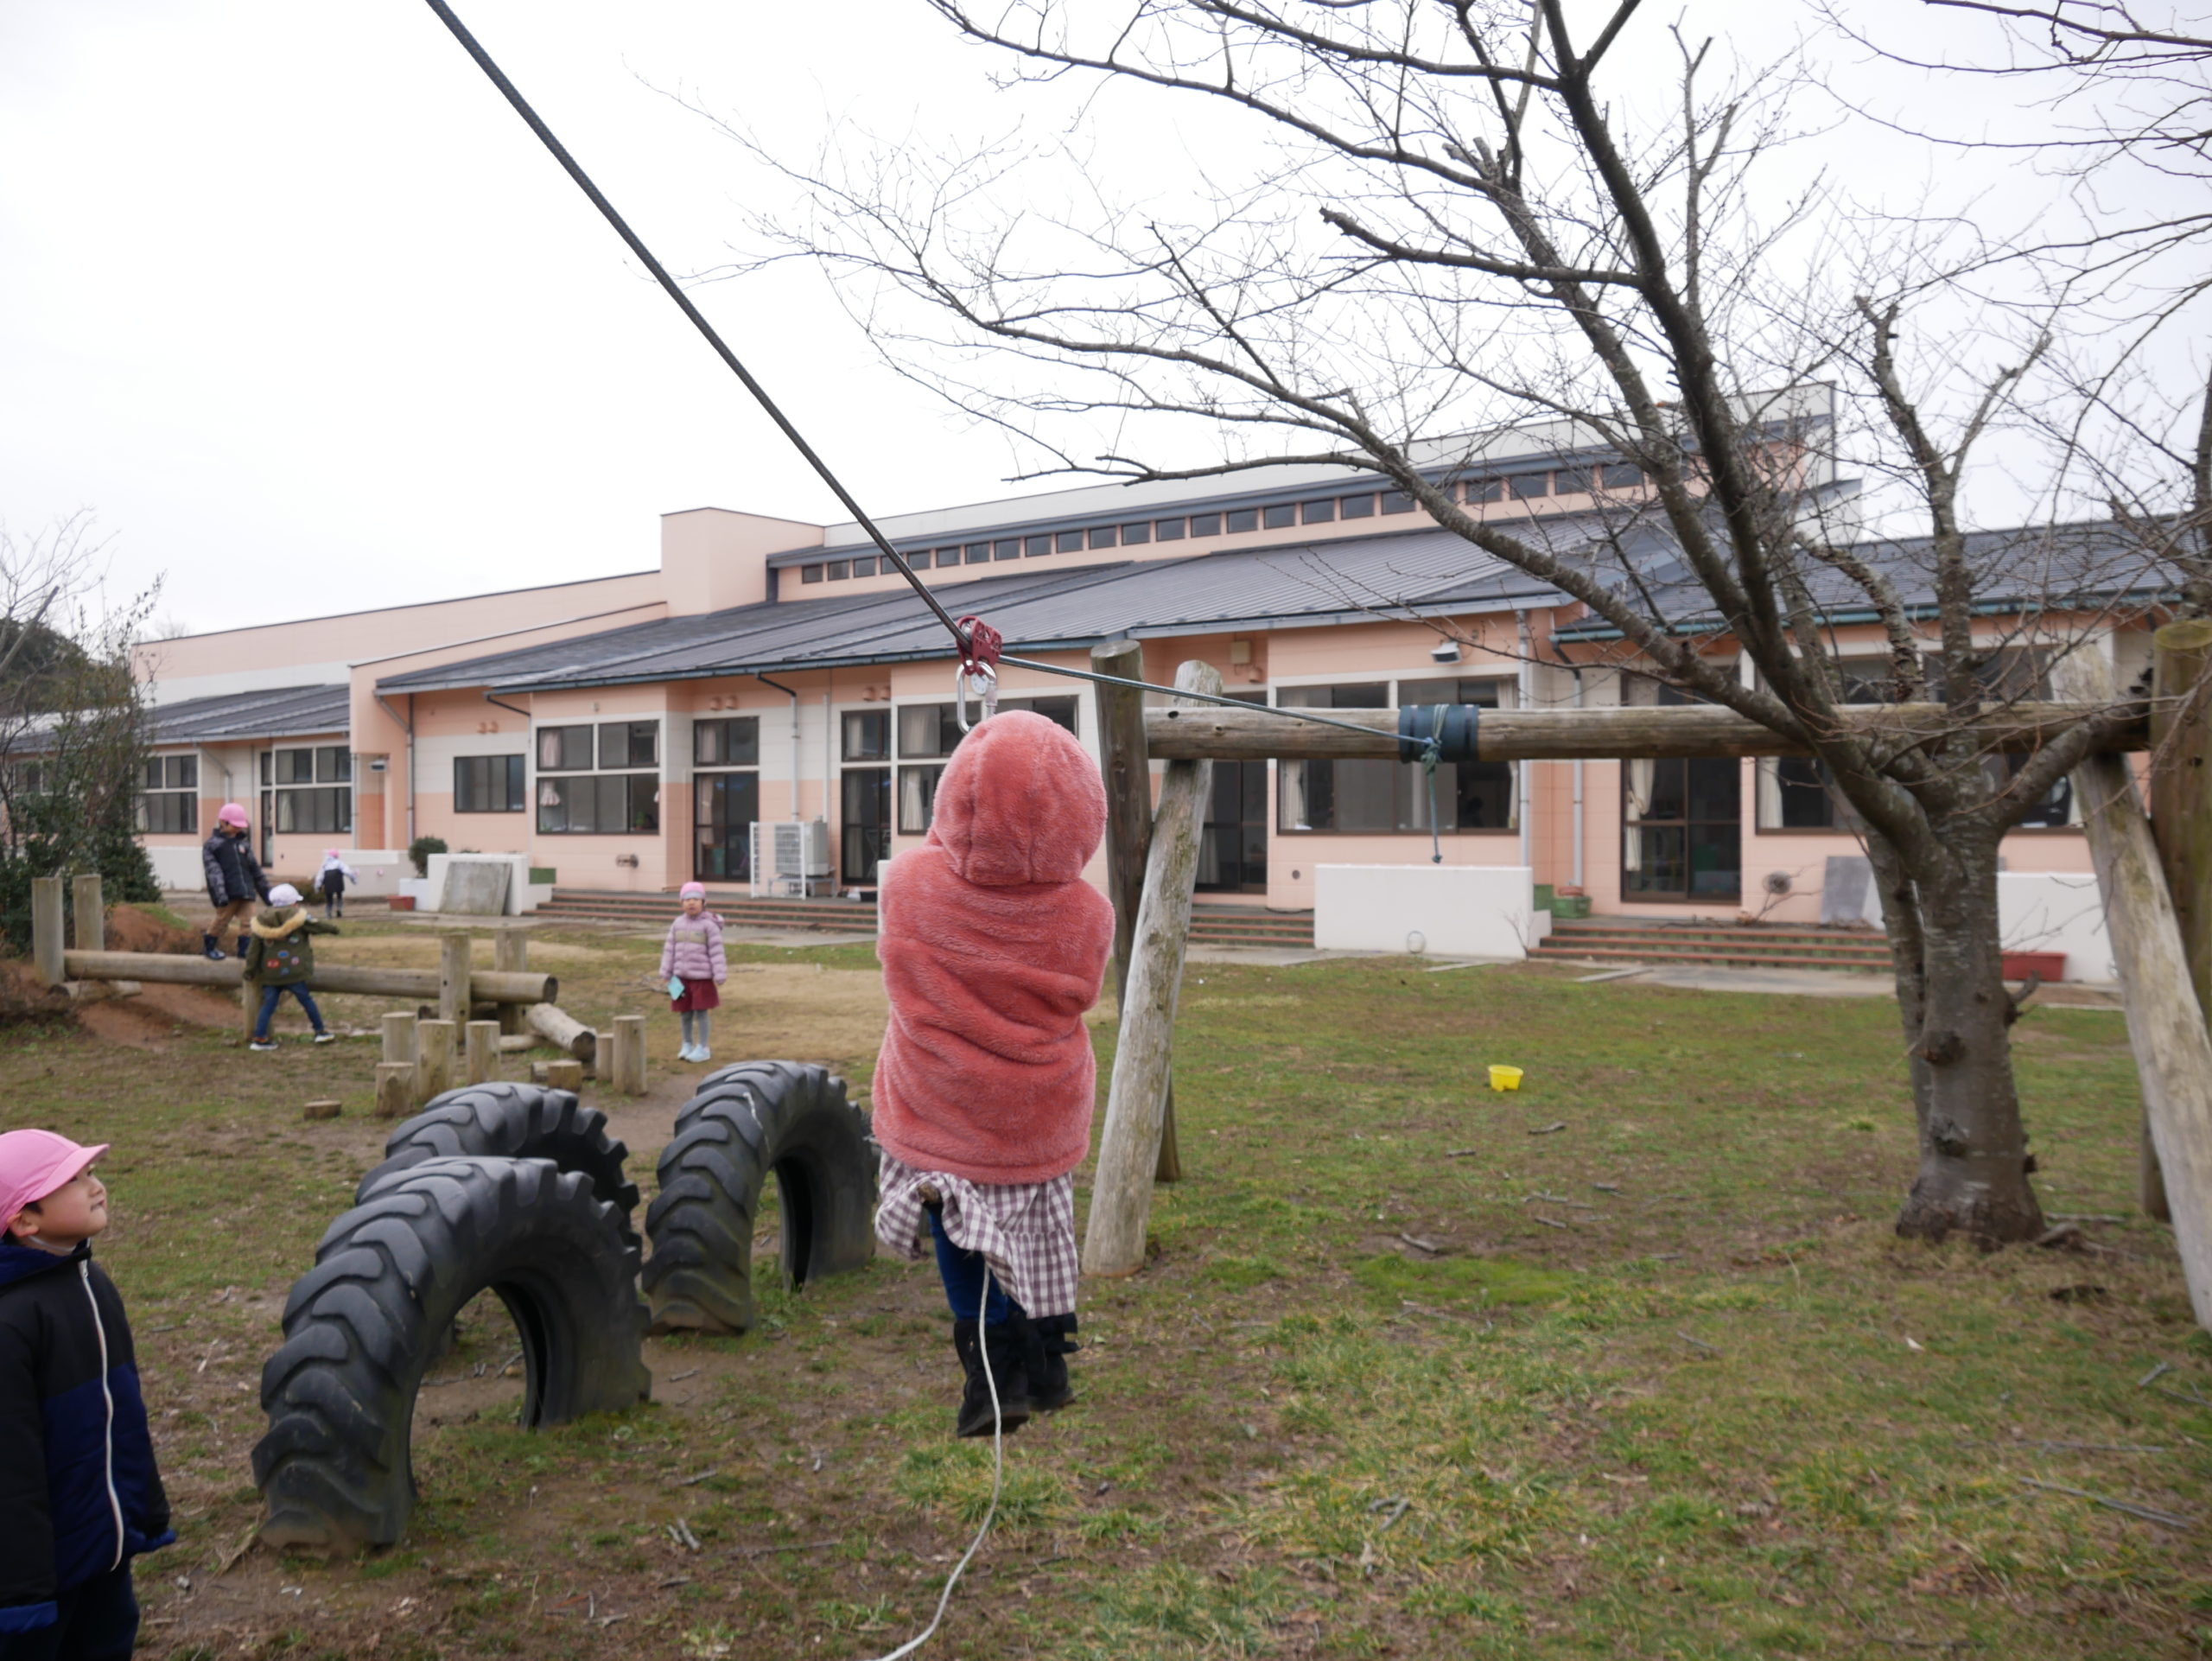 園庭で遊びました 5歳児ばら組【真野第1保育園】